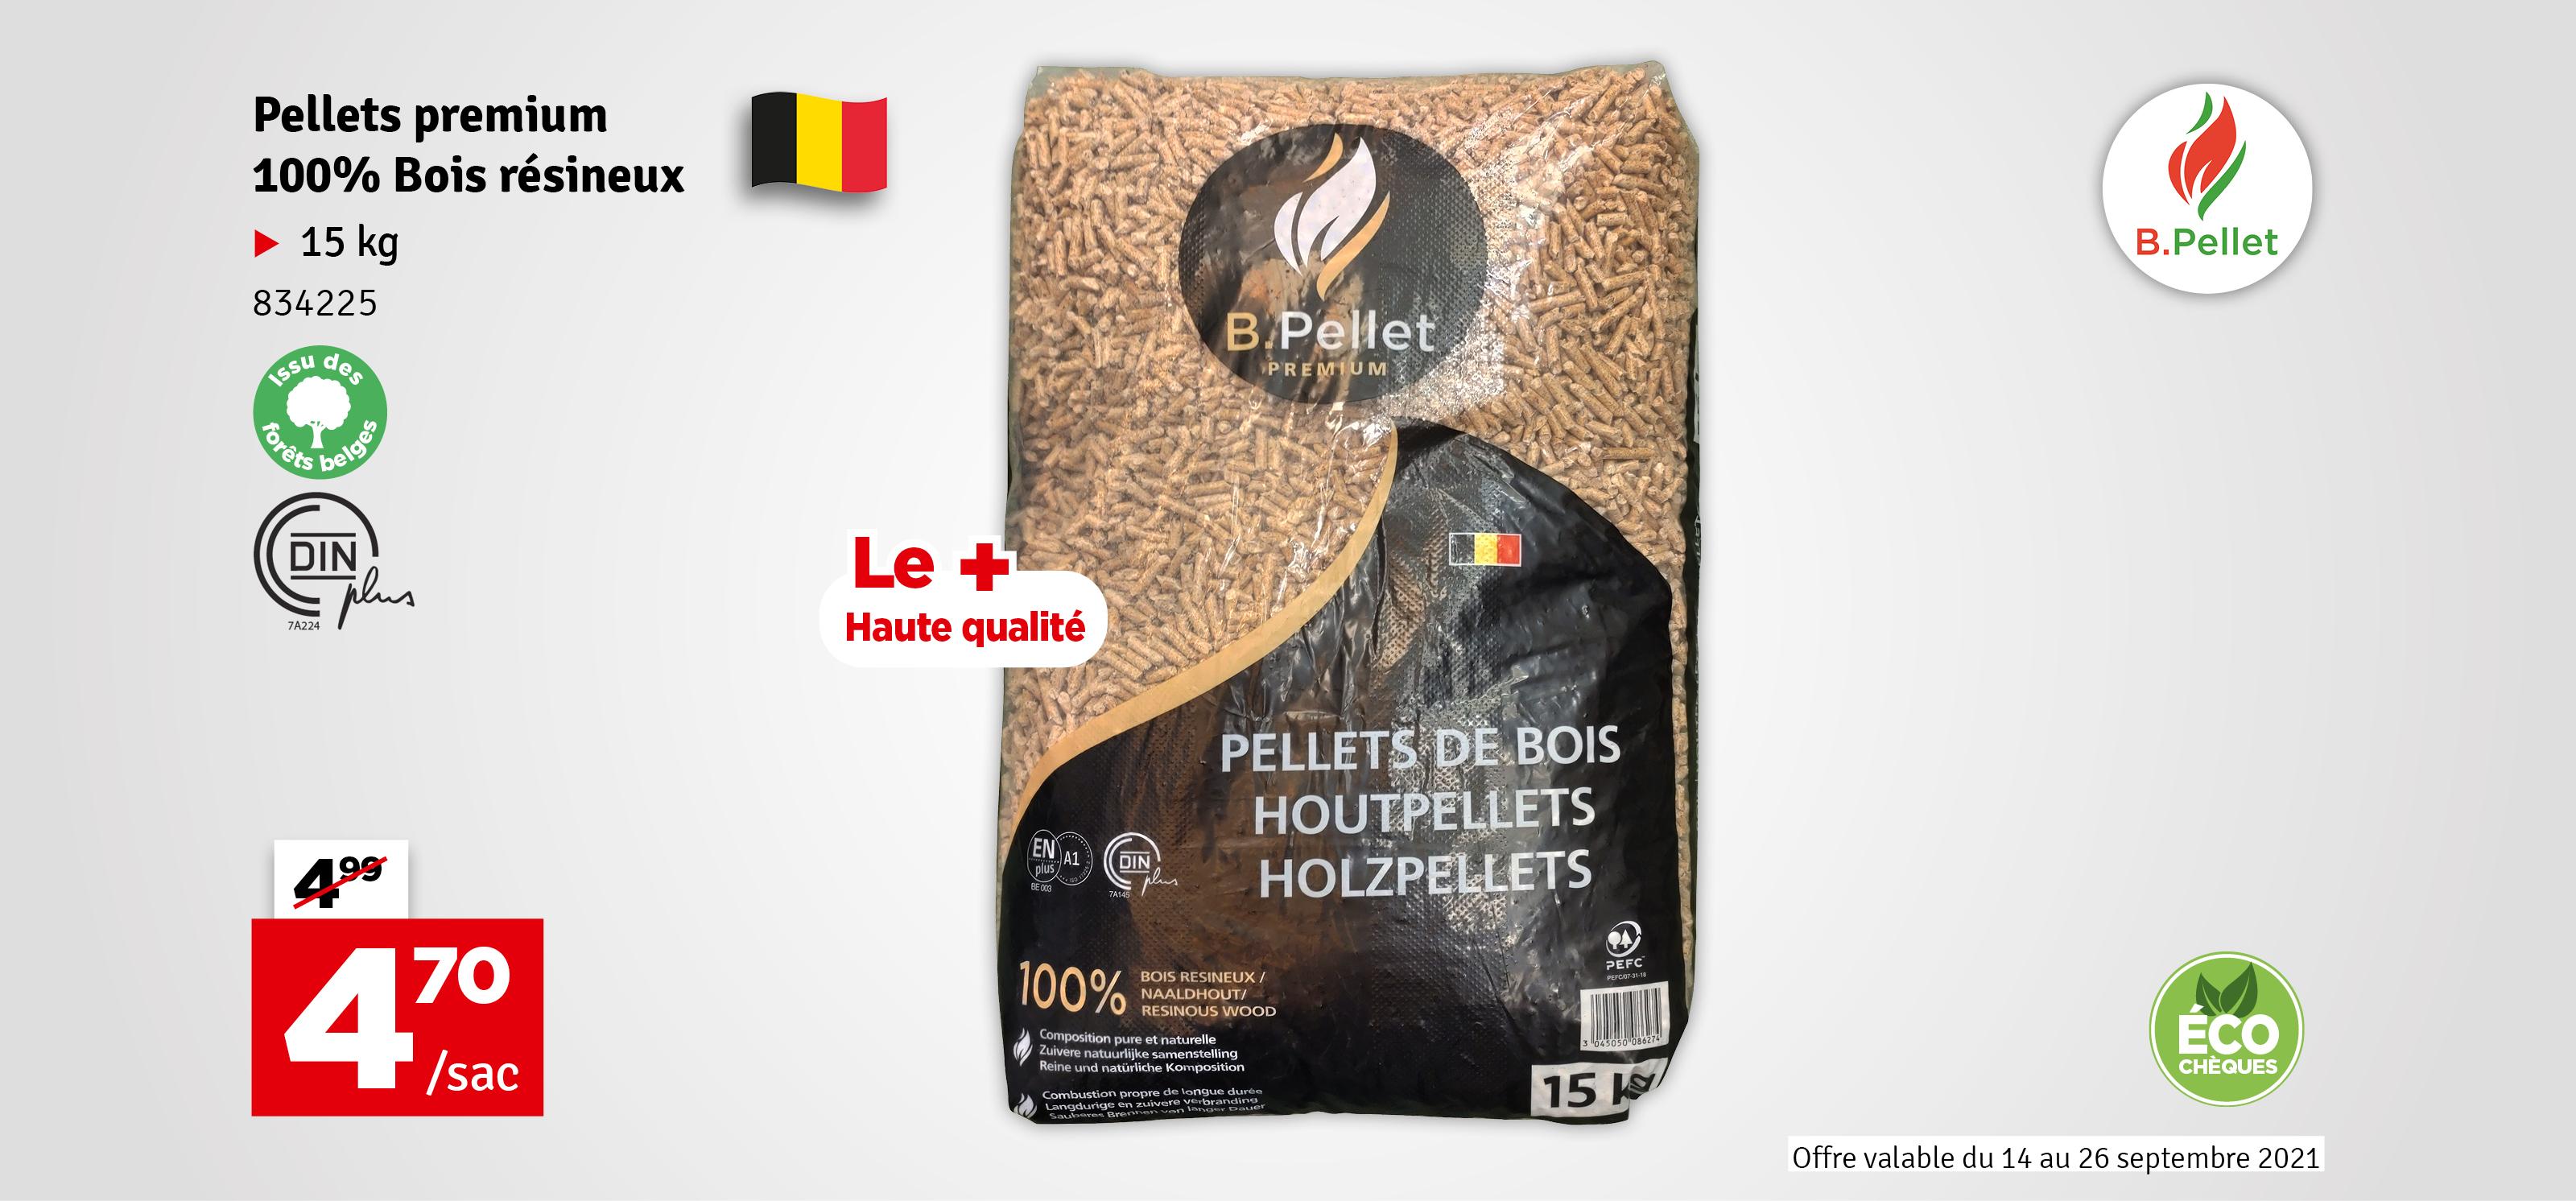 Promo - Sac de pellets résineux 15 KG